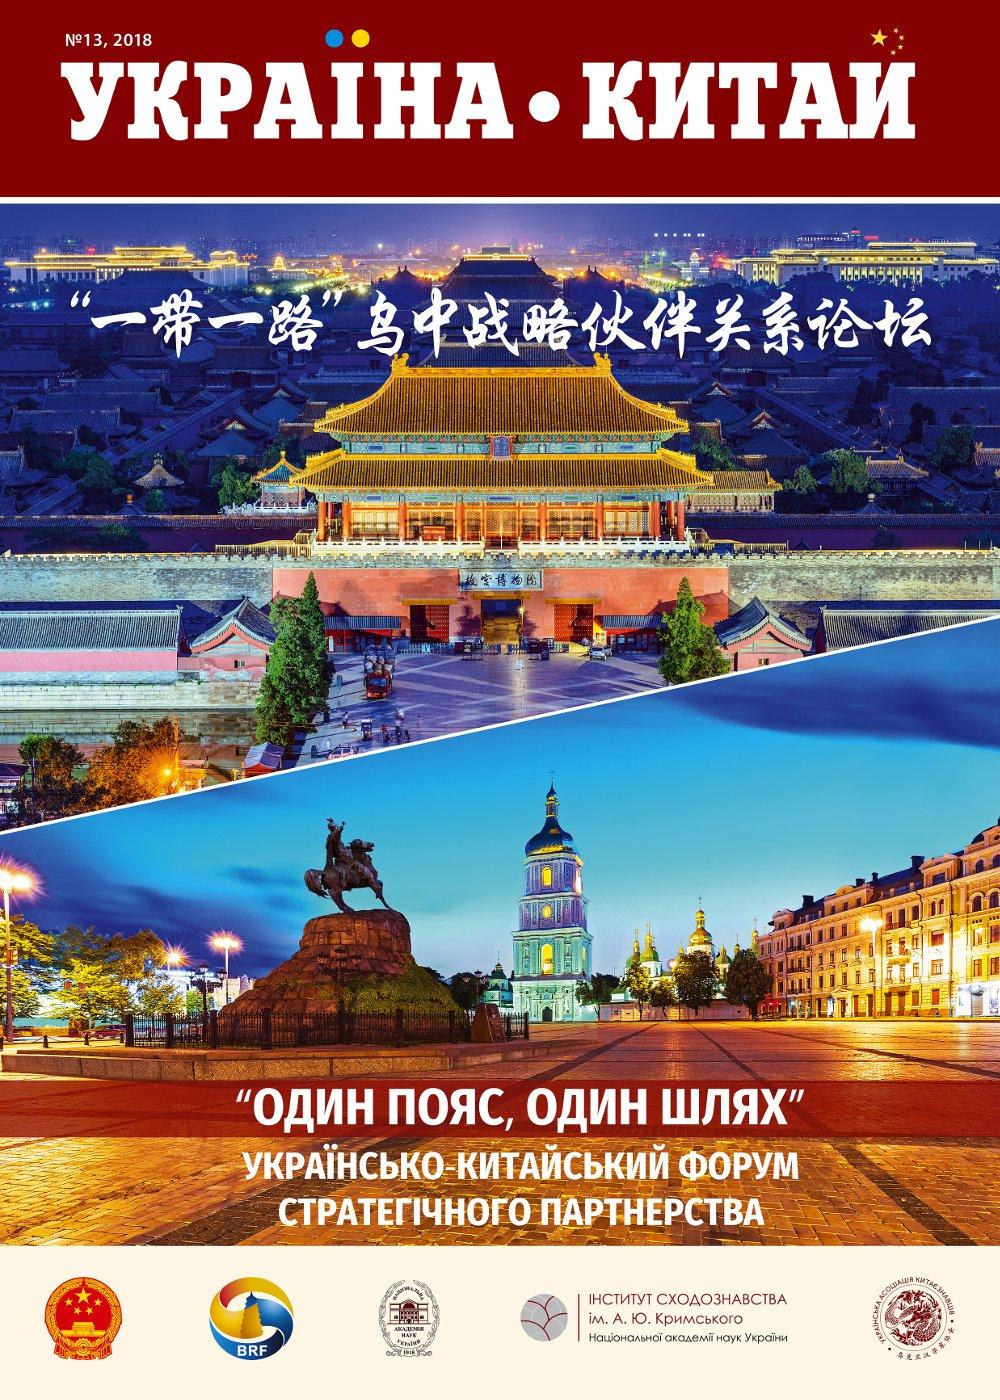 乌克兰-中国 2018, 13